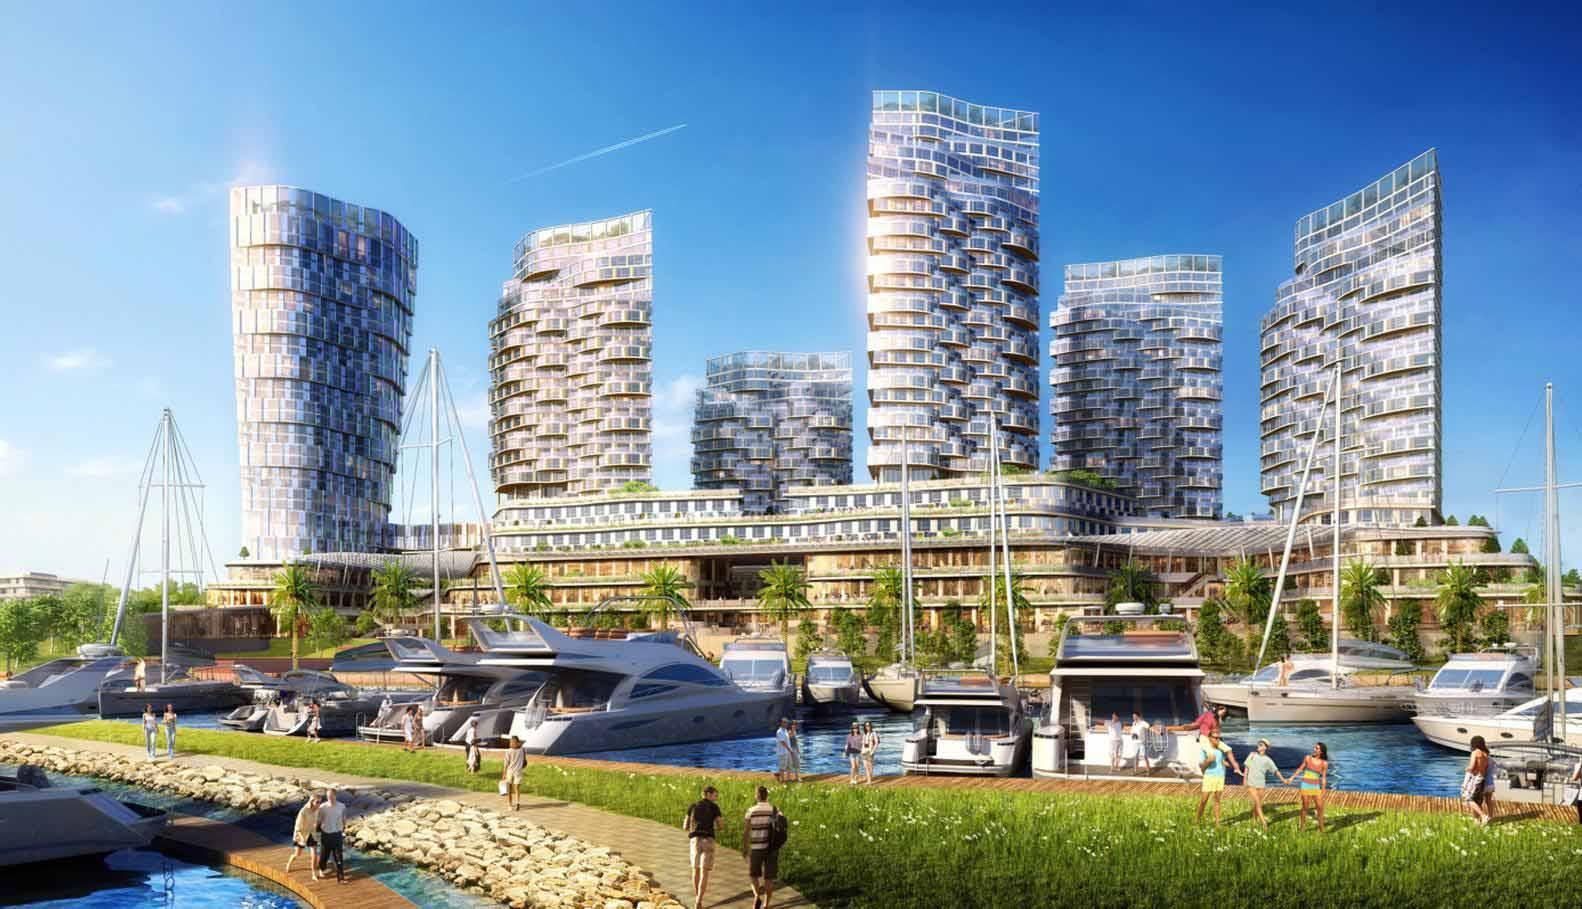 الاستثمار في اسطنبول , شقق للبيع في تركيا , عقارات في اسطنبول , الاستثمار العقاري في تركيا